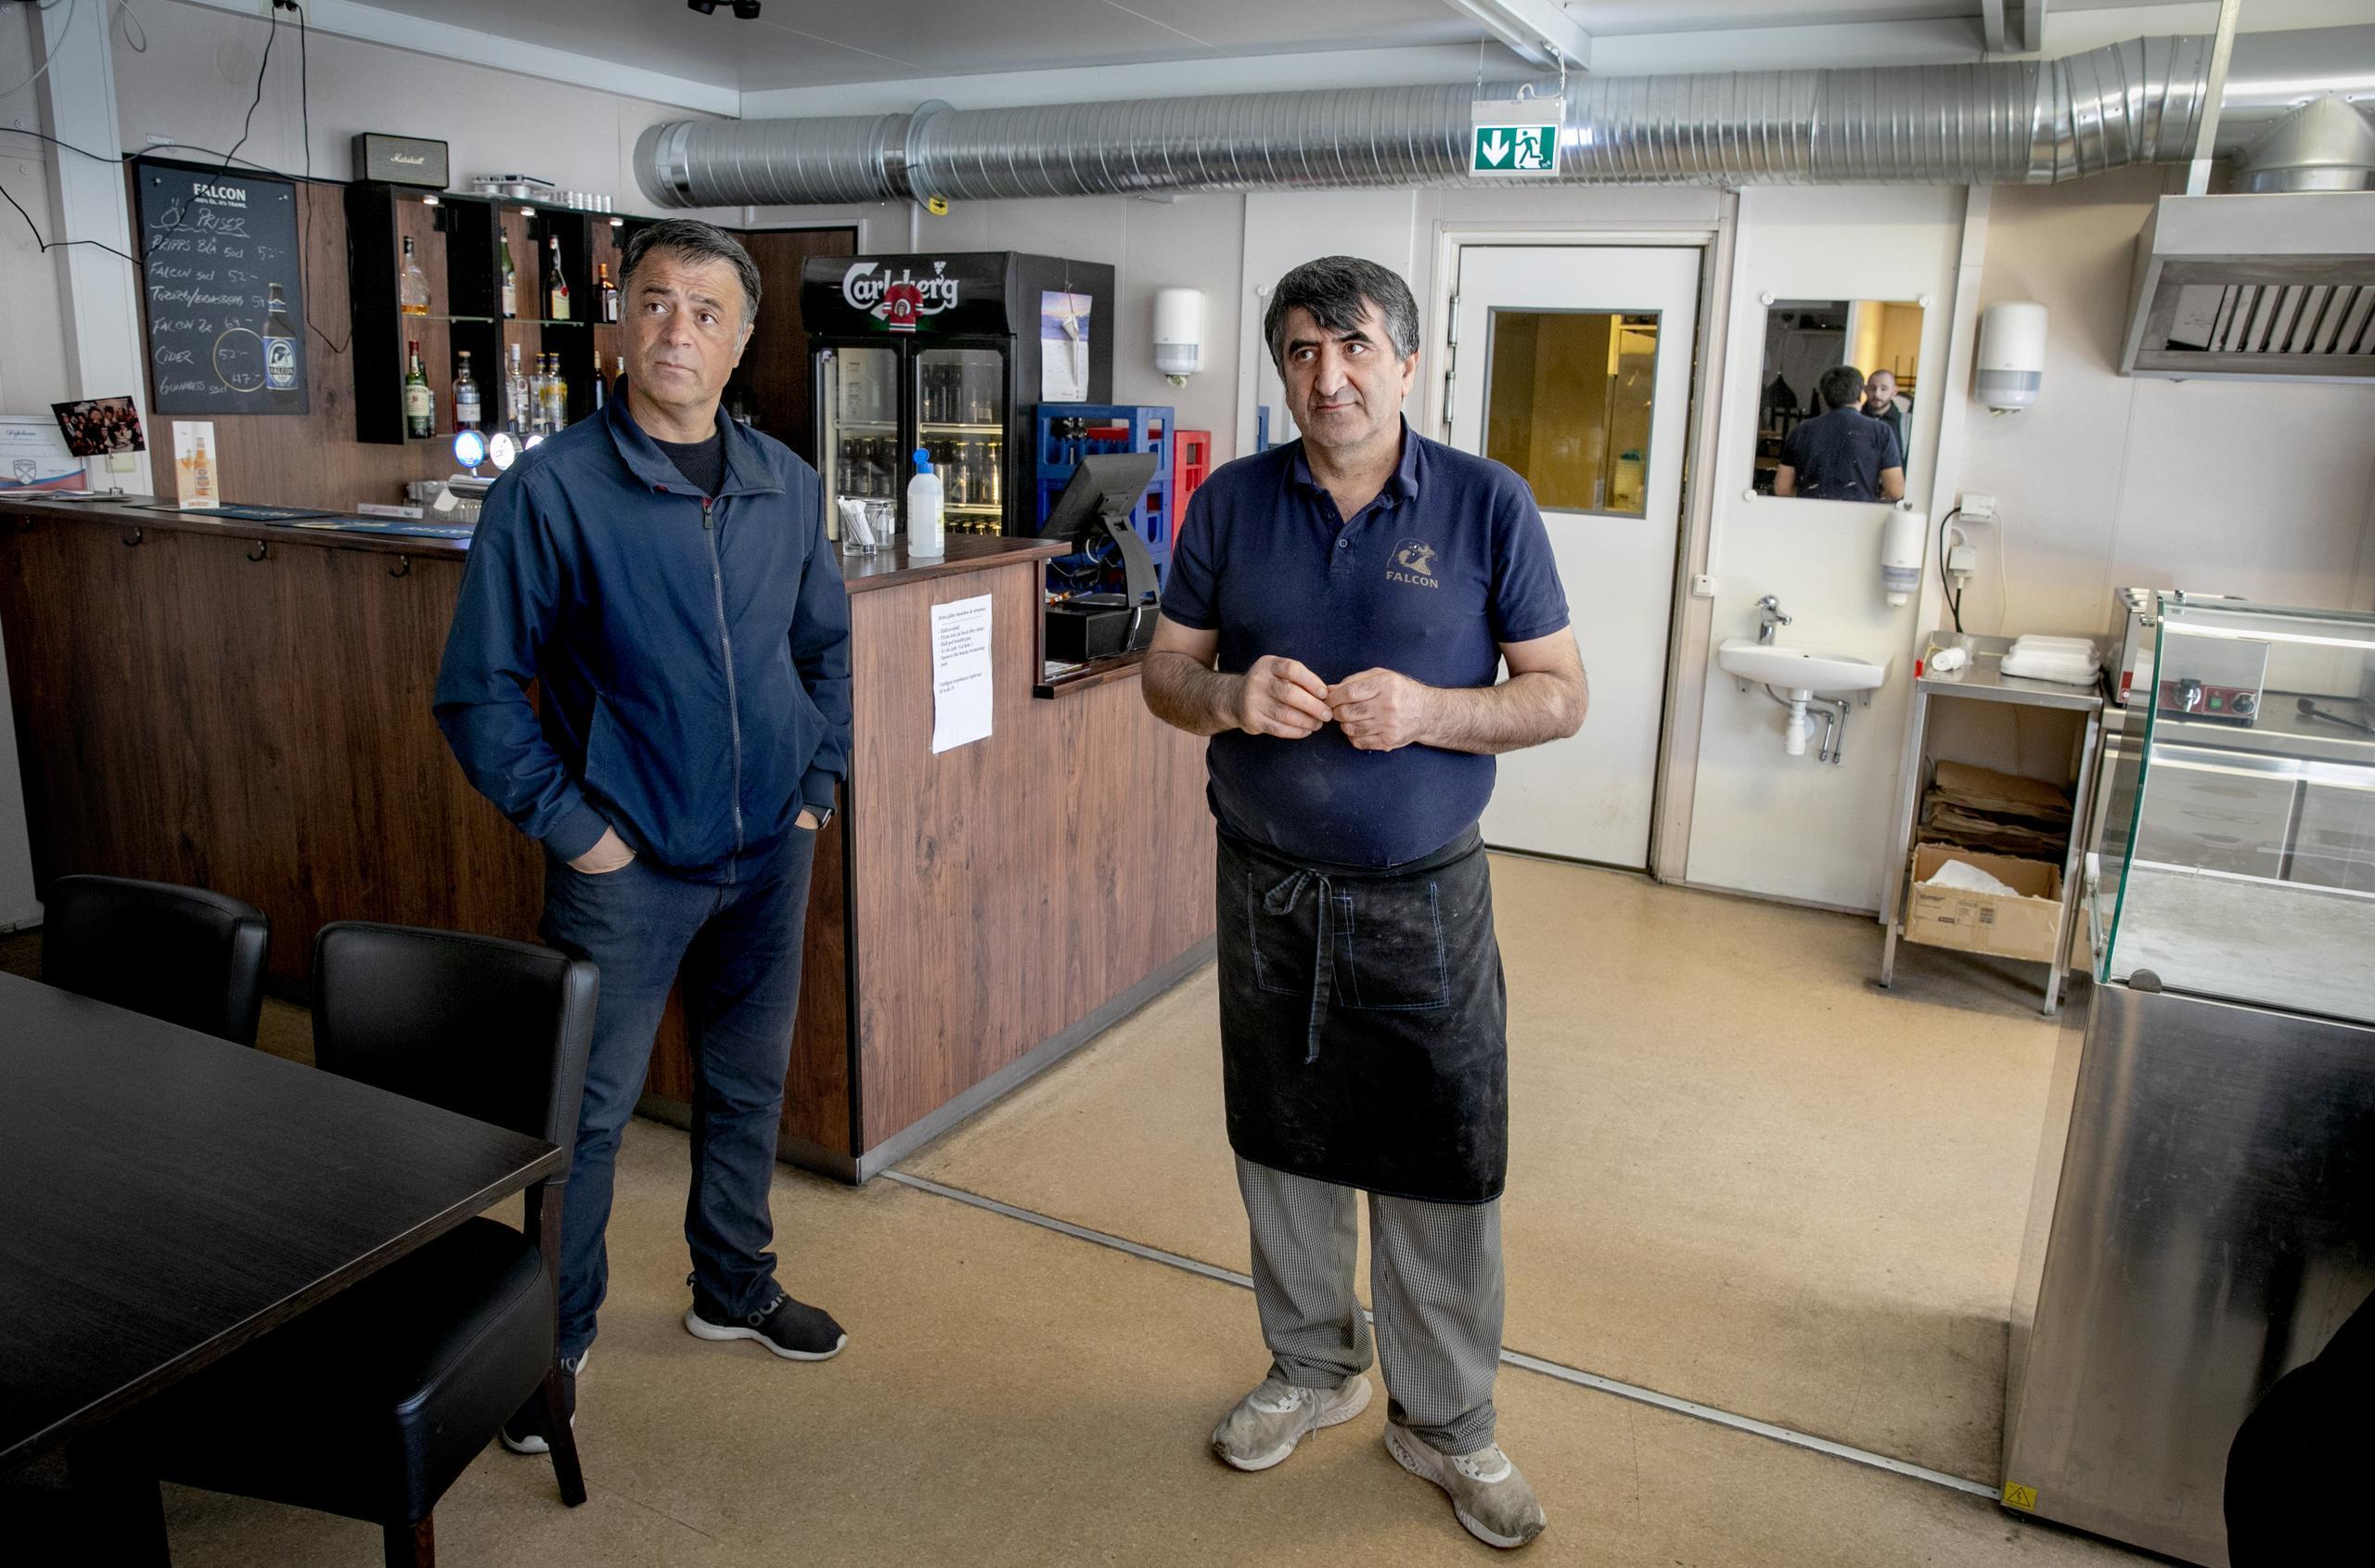 Opalens Krog tvingas stänga efter 33 år på Opaltorget